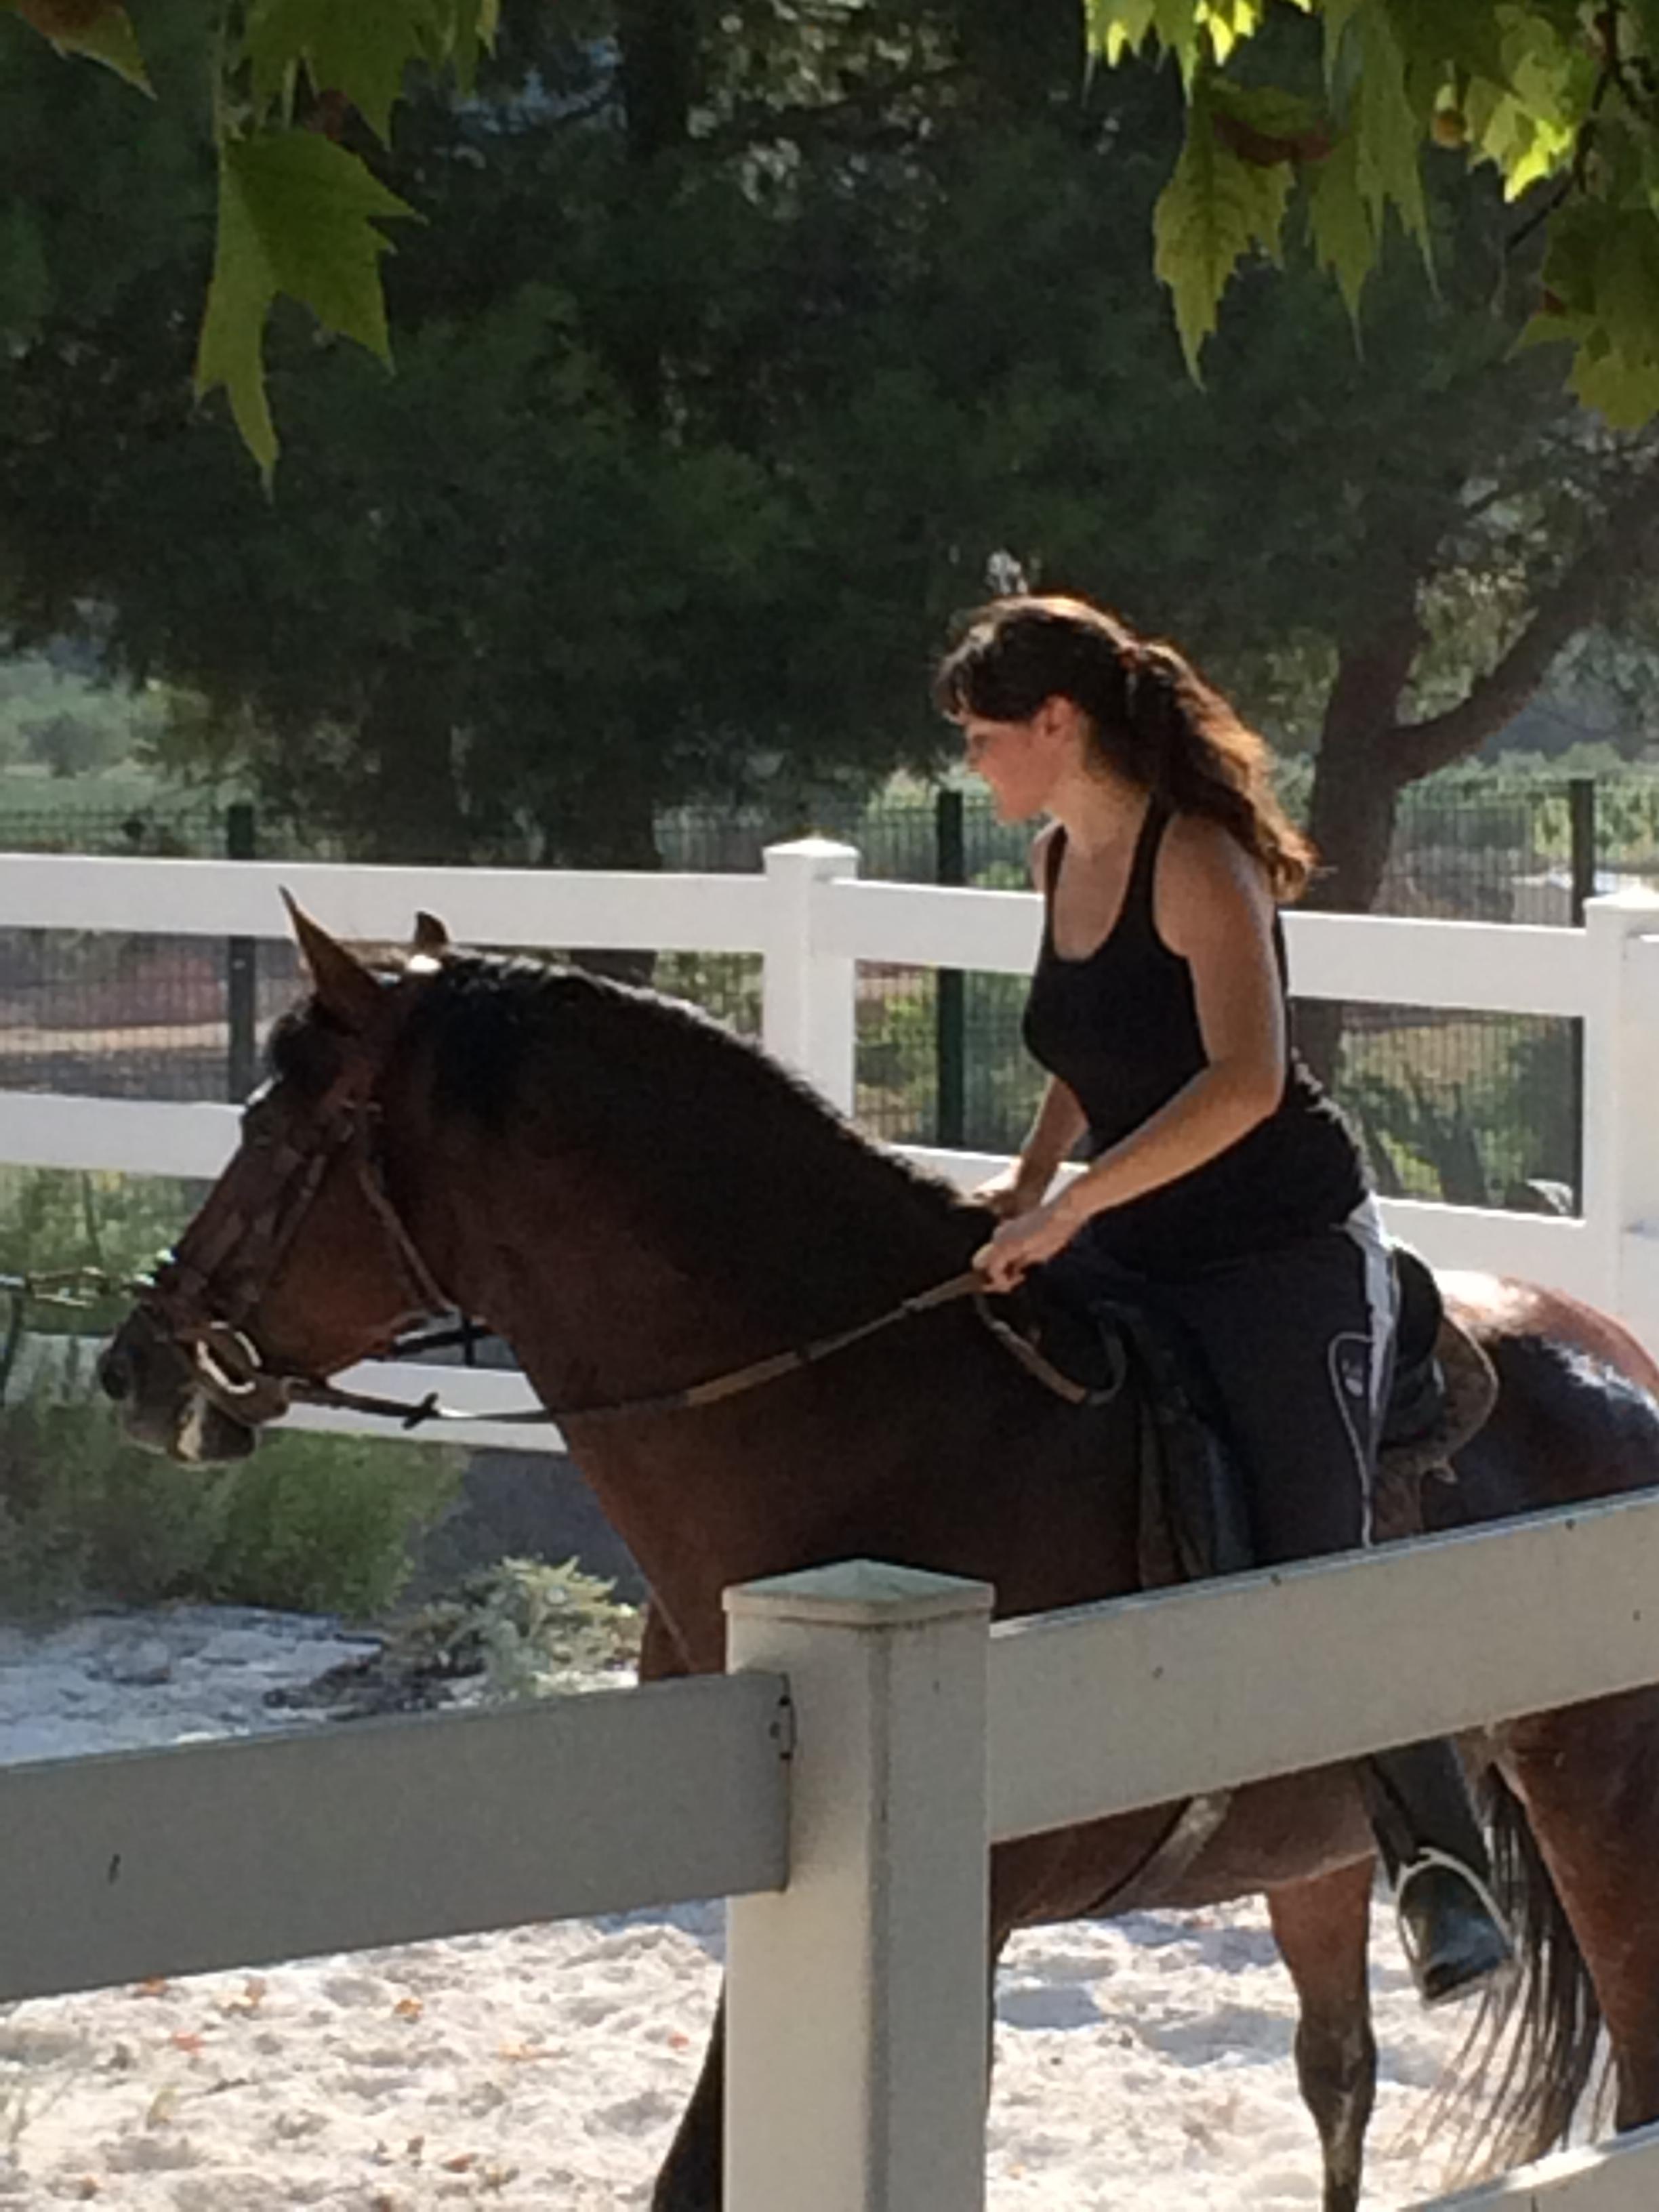 Instalaciones ecuestres caballos casa rural valencia casa rural con granja casa rural con - Casa rural la granja ...